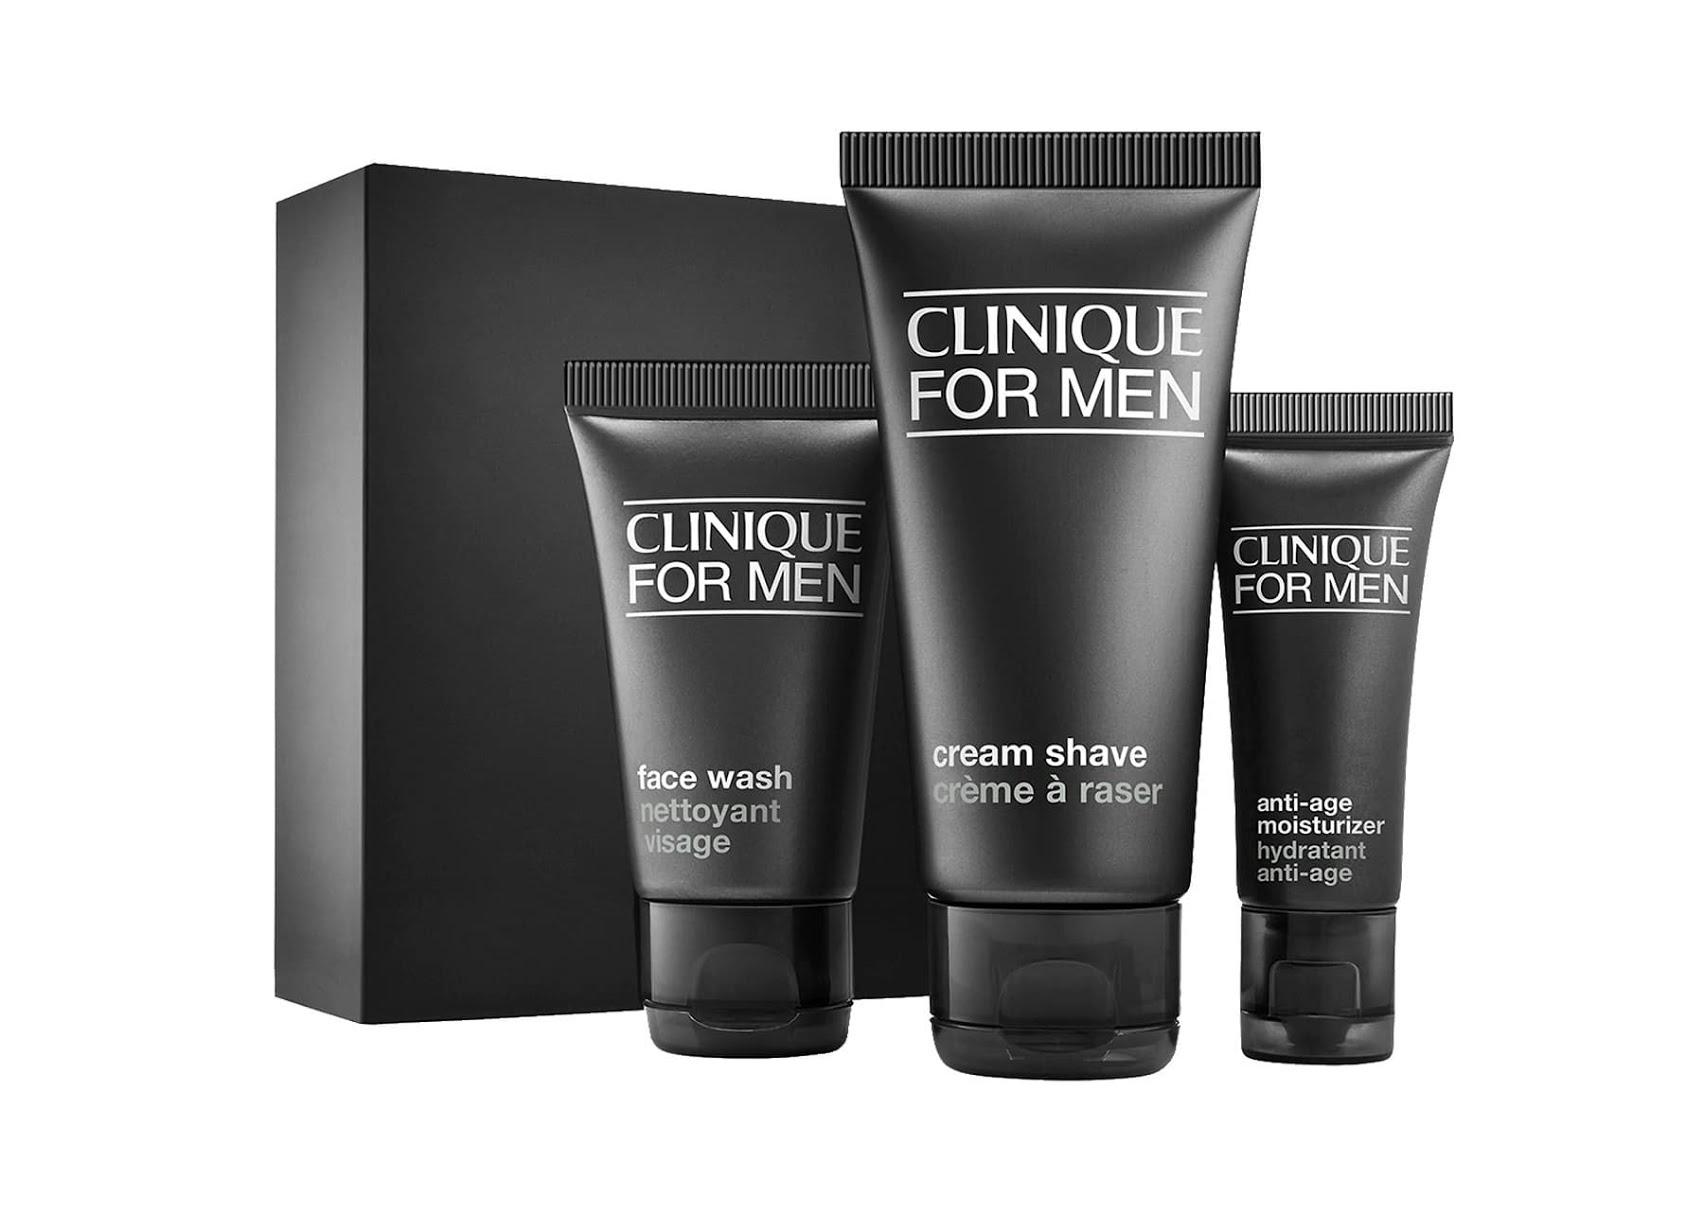 Marques de produits de beauté homme - Clinique for Men